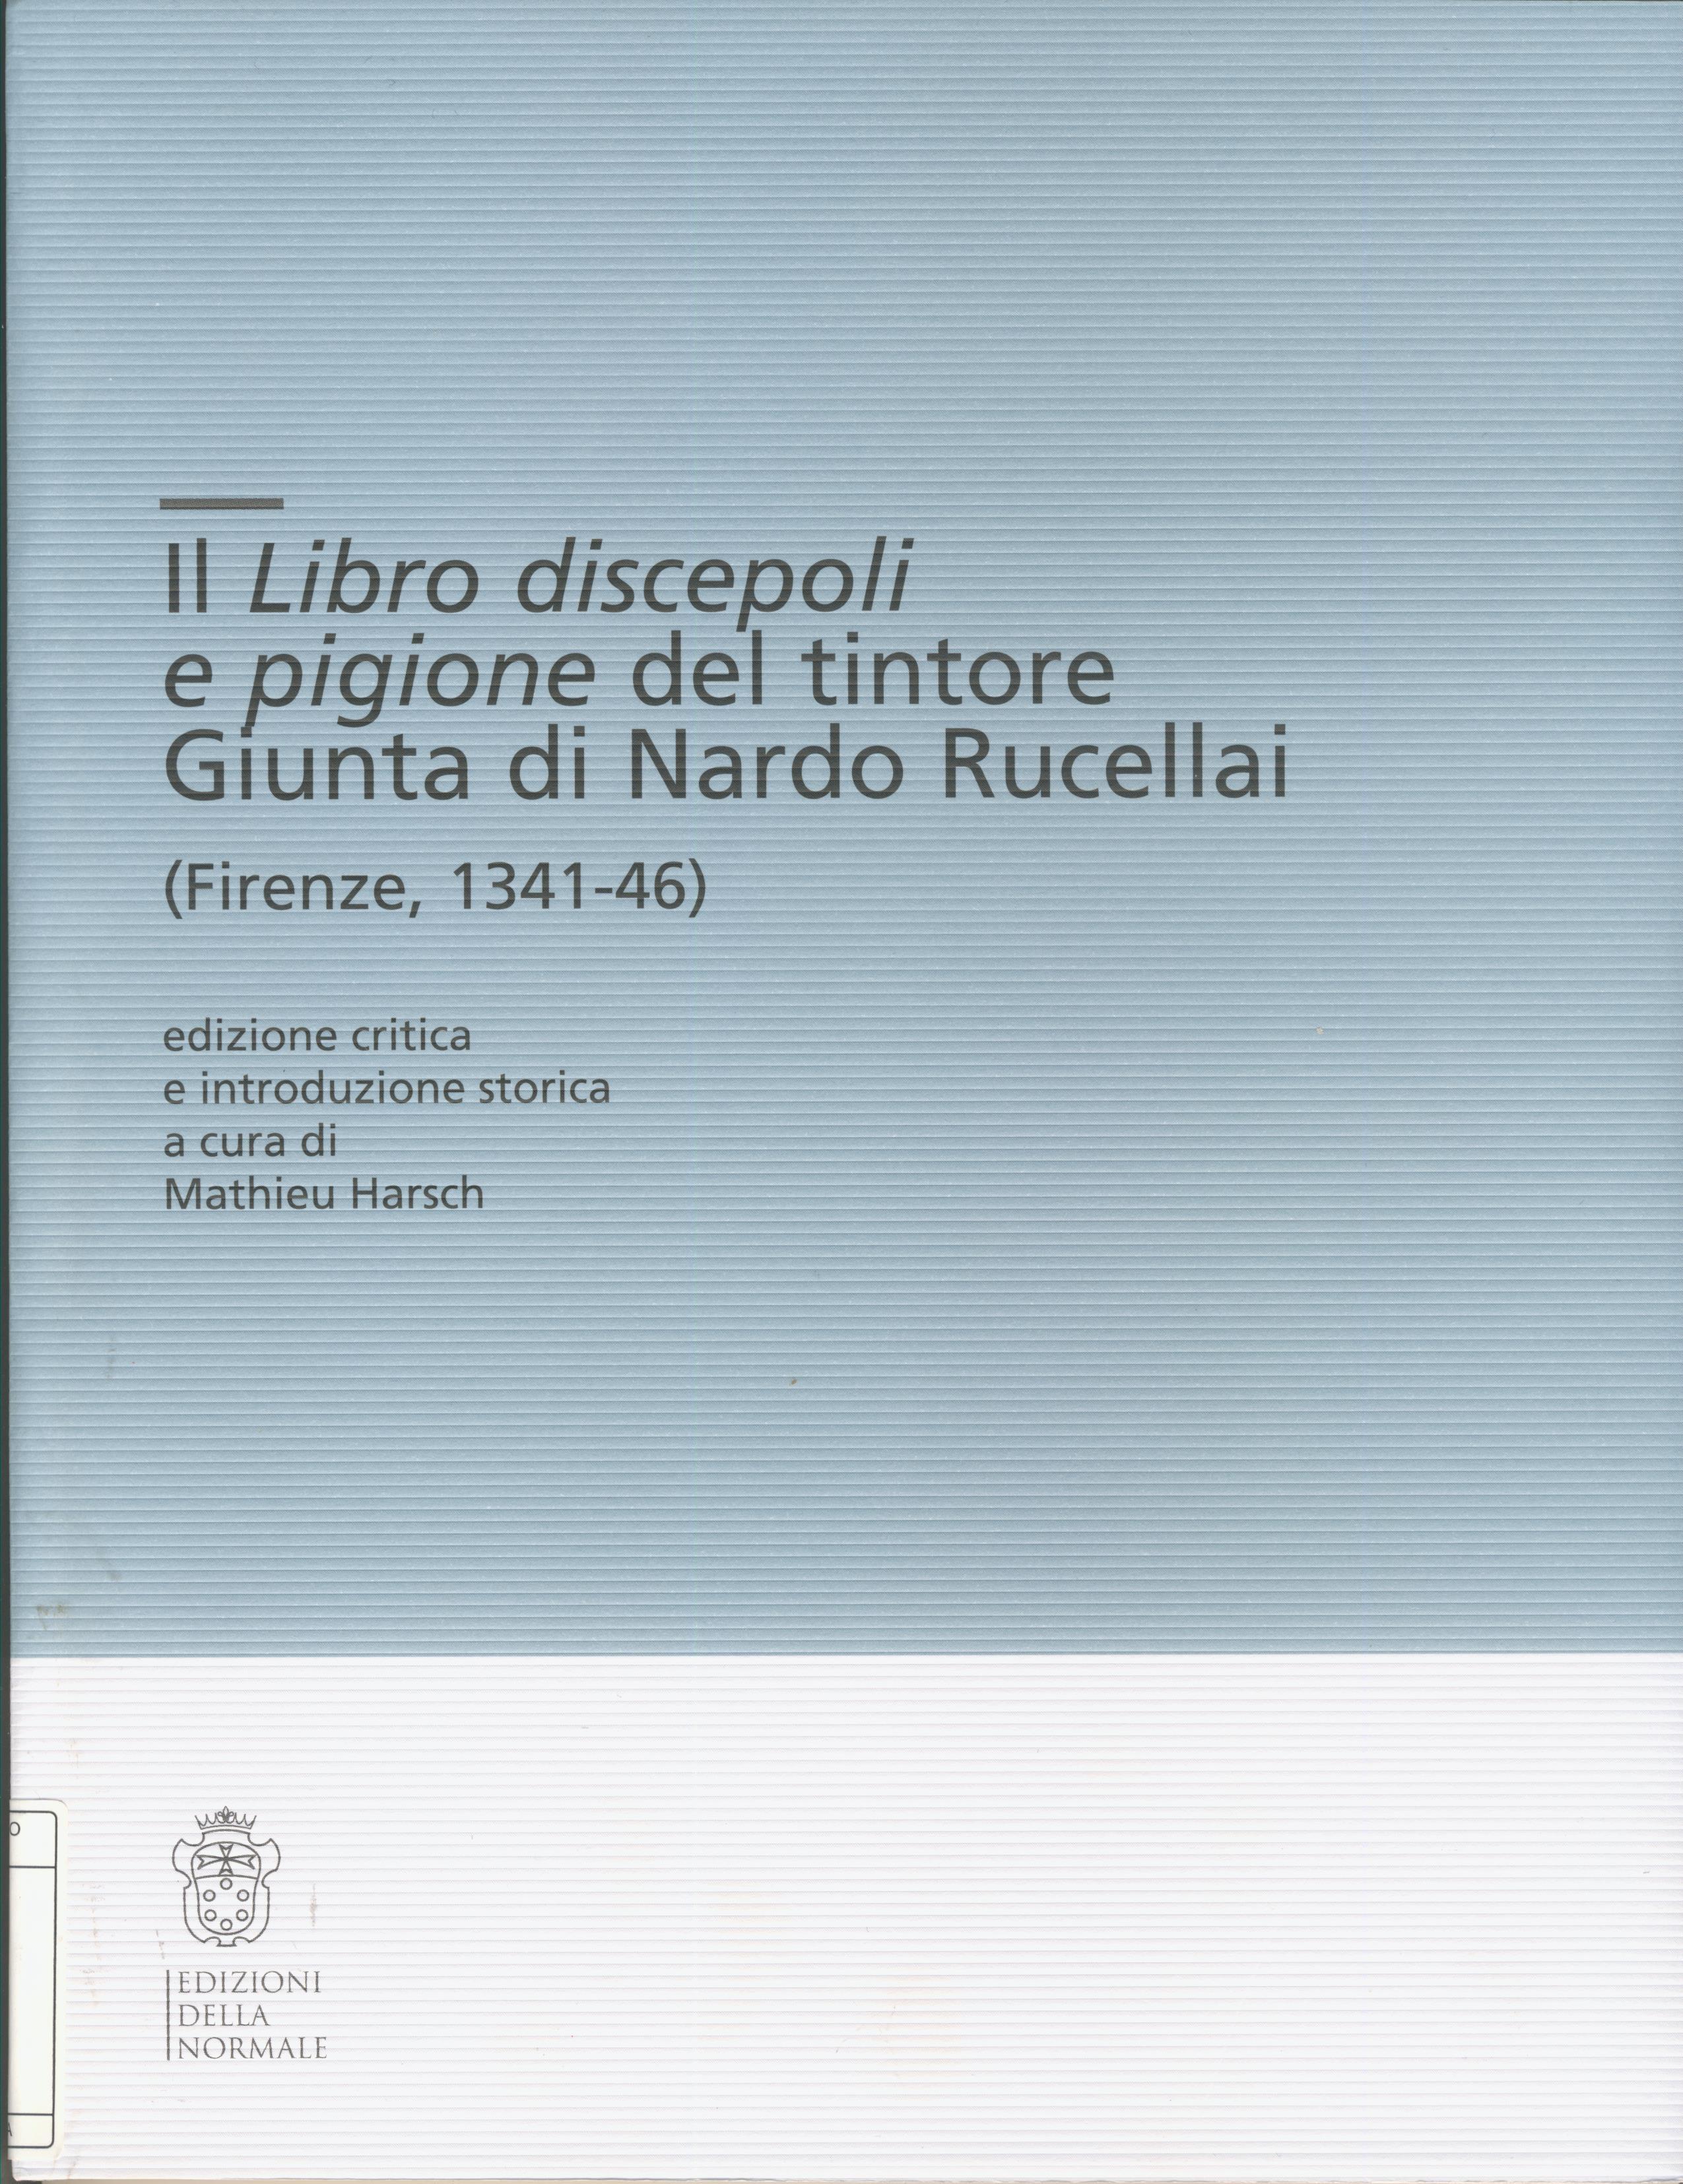 Libro discepoli e pigione del tintore Giunta di Nardo Rucellai